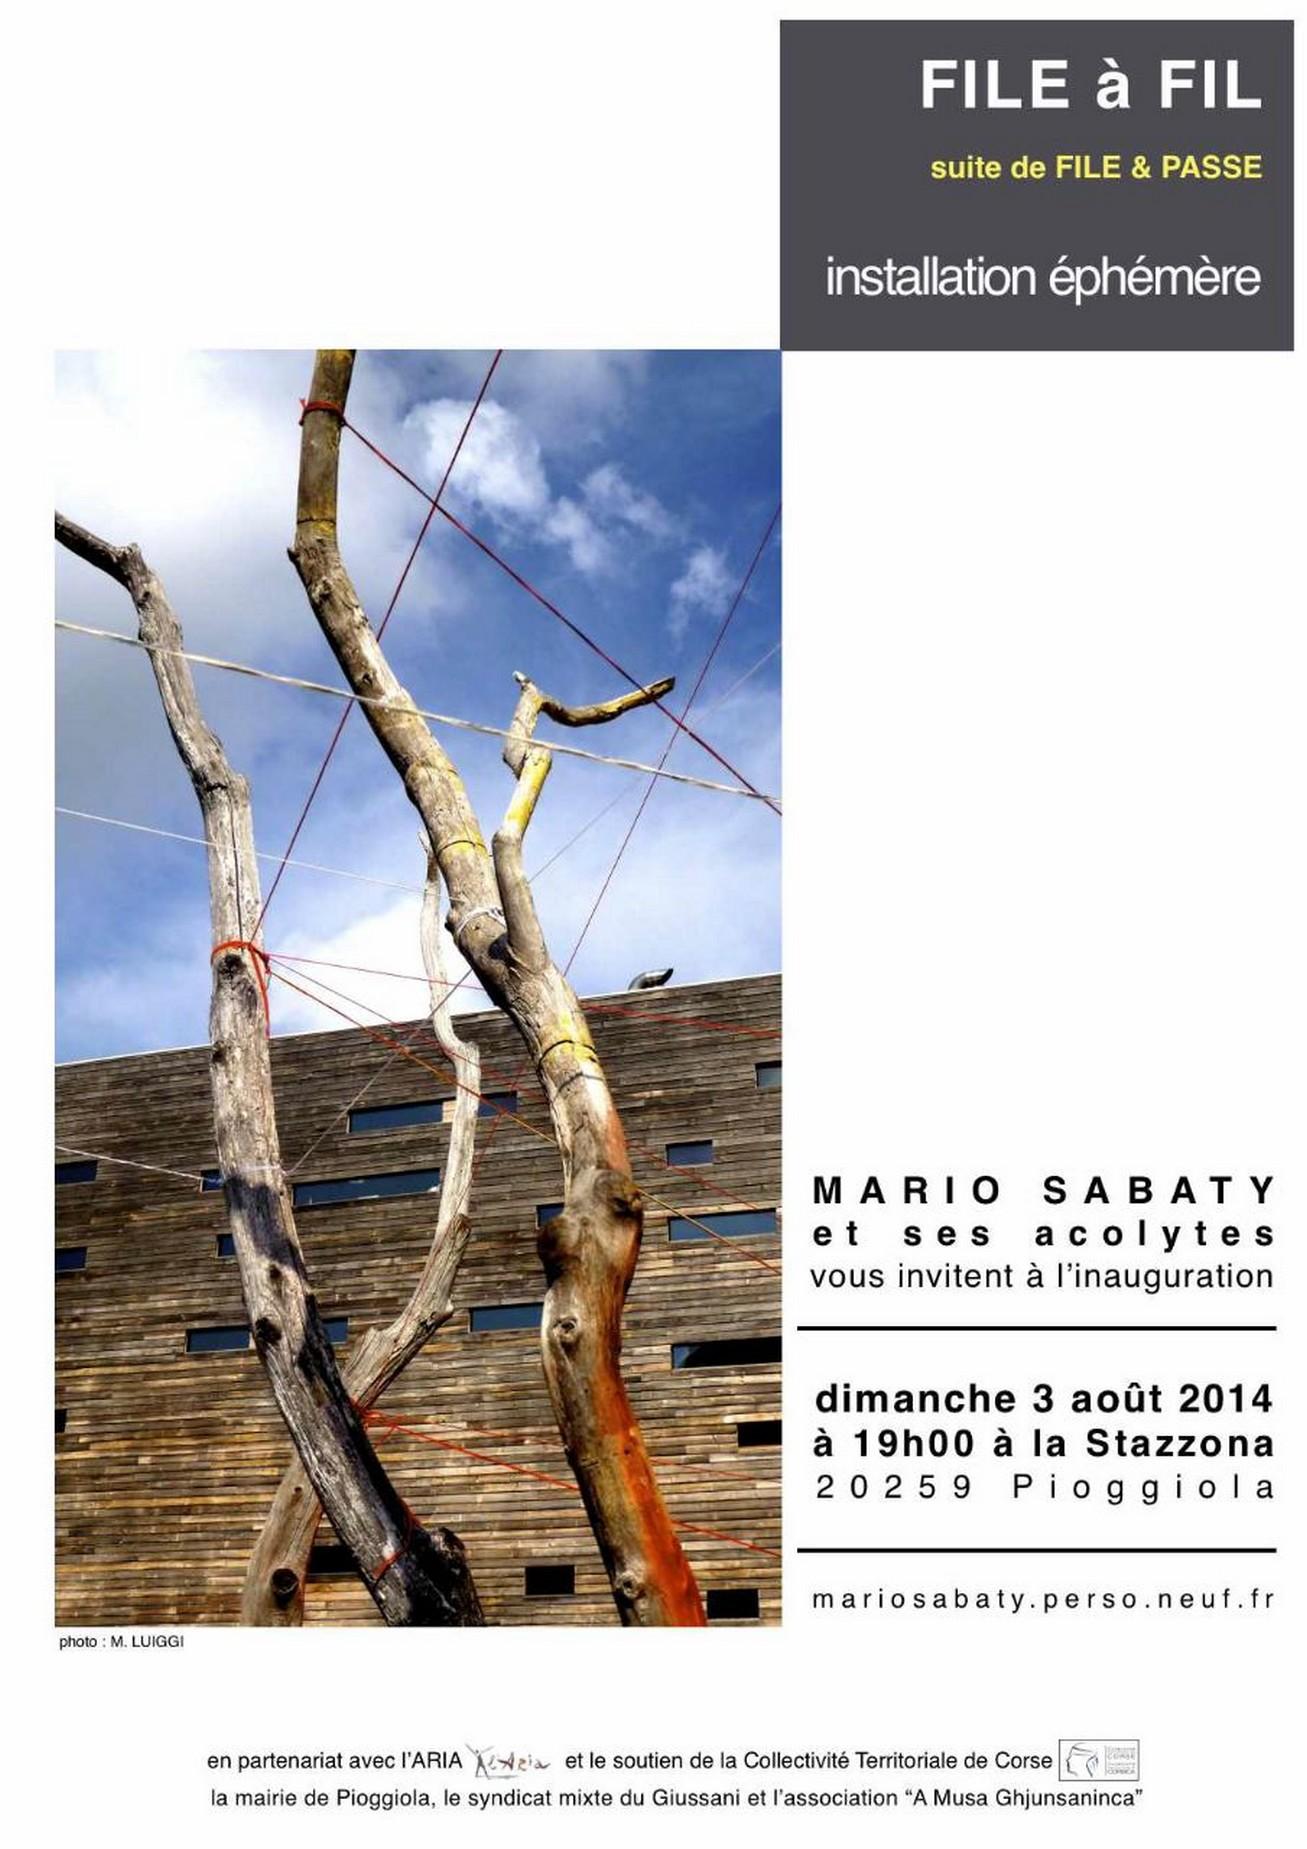 Poggiola : L'installation éphémère par Mario Sabaty et ses acolytes